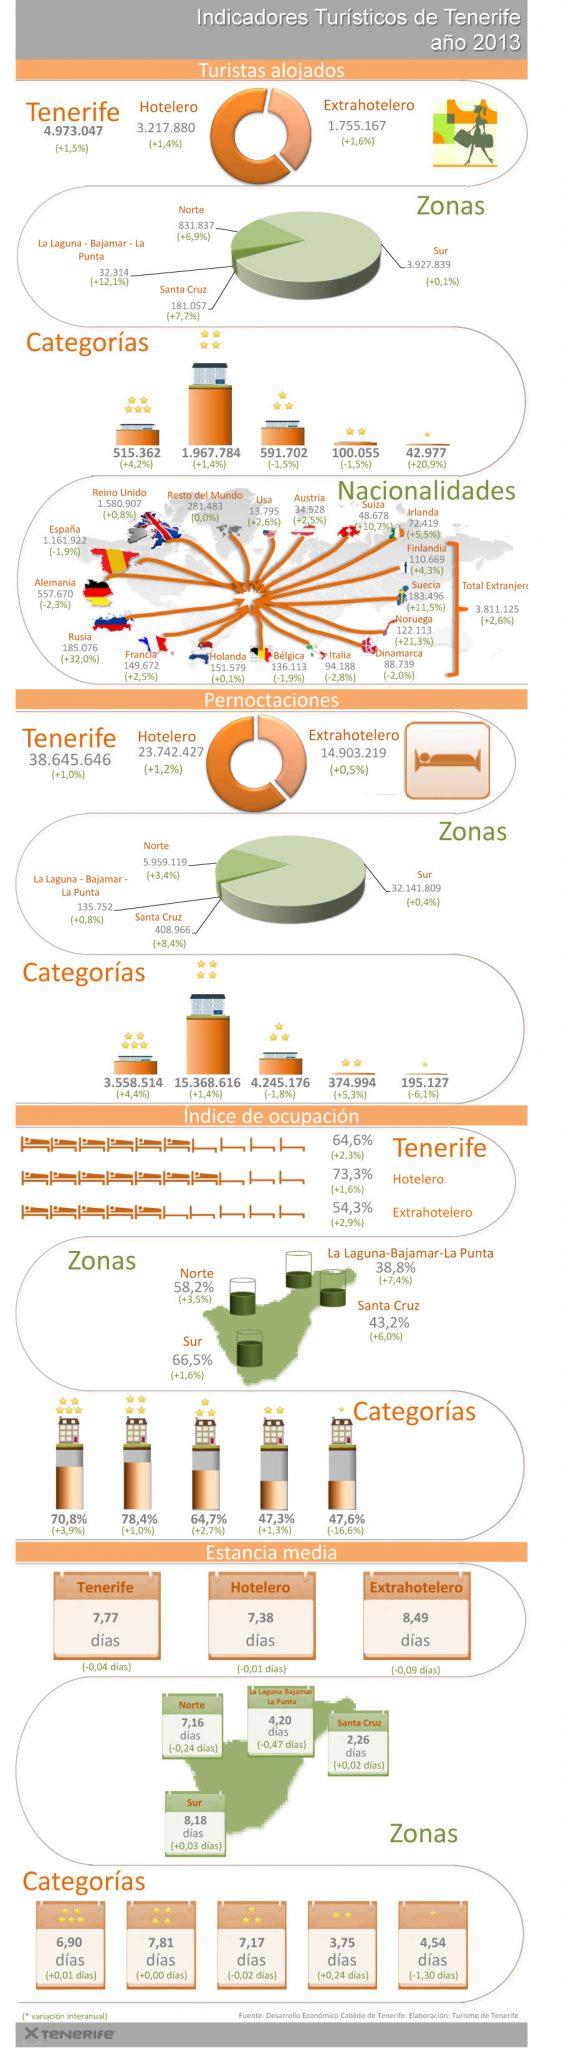 Infografia-Ind-Turisticos-de-Tenerife-2013